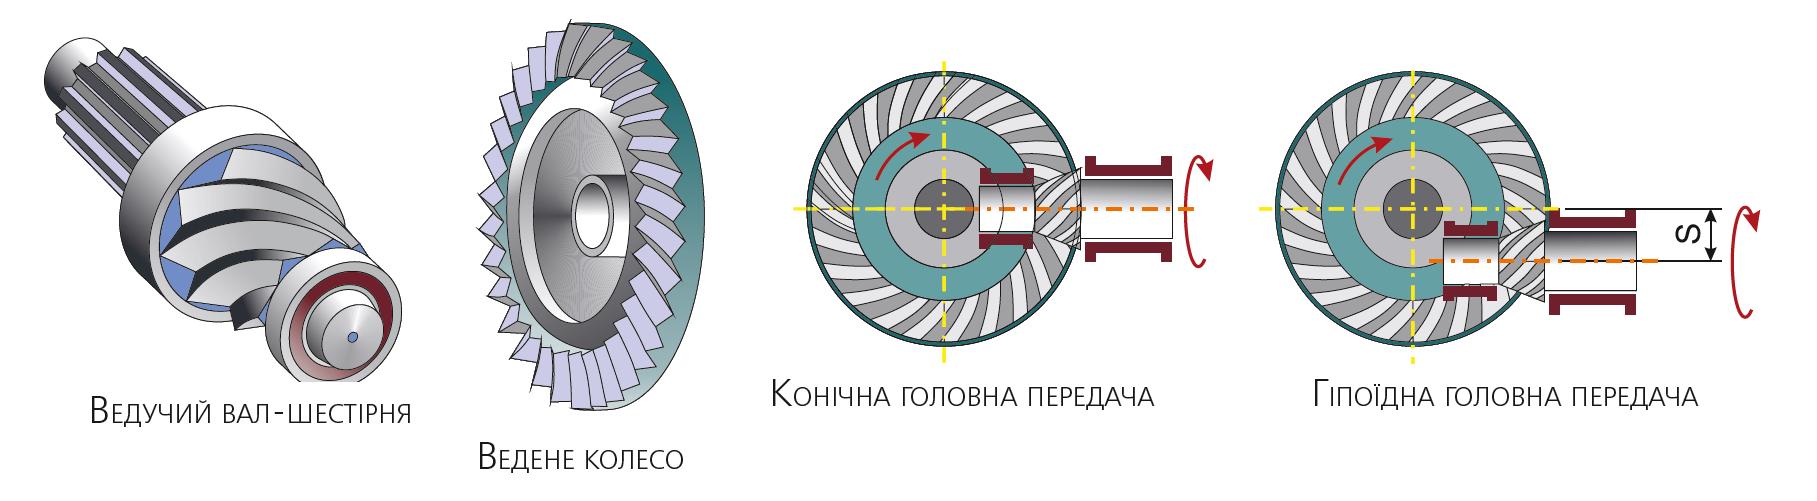 Елементи головної передачі